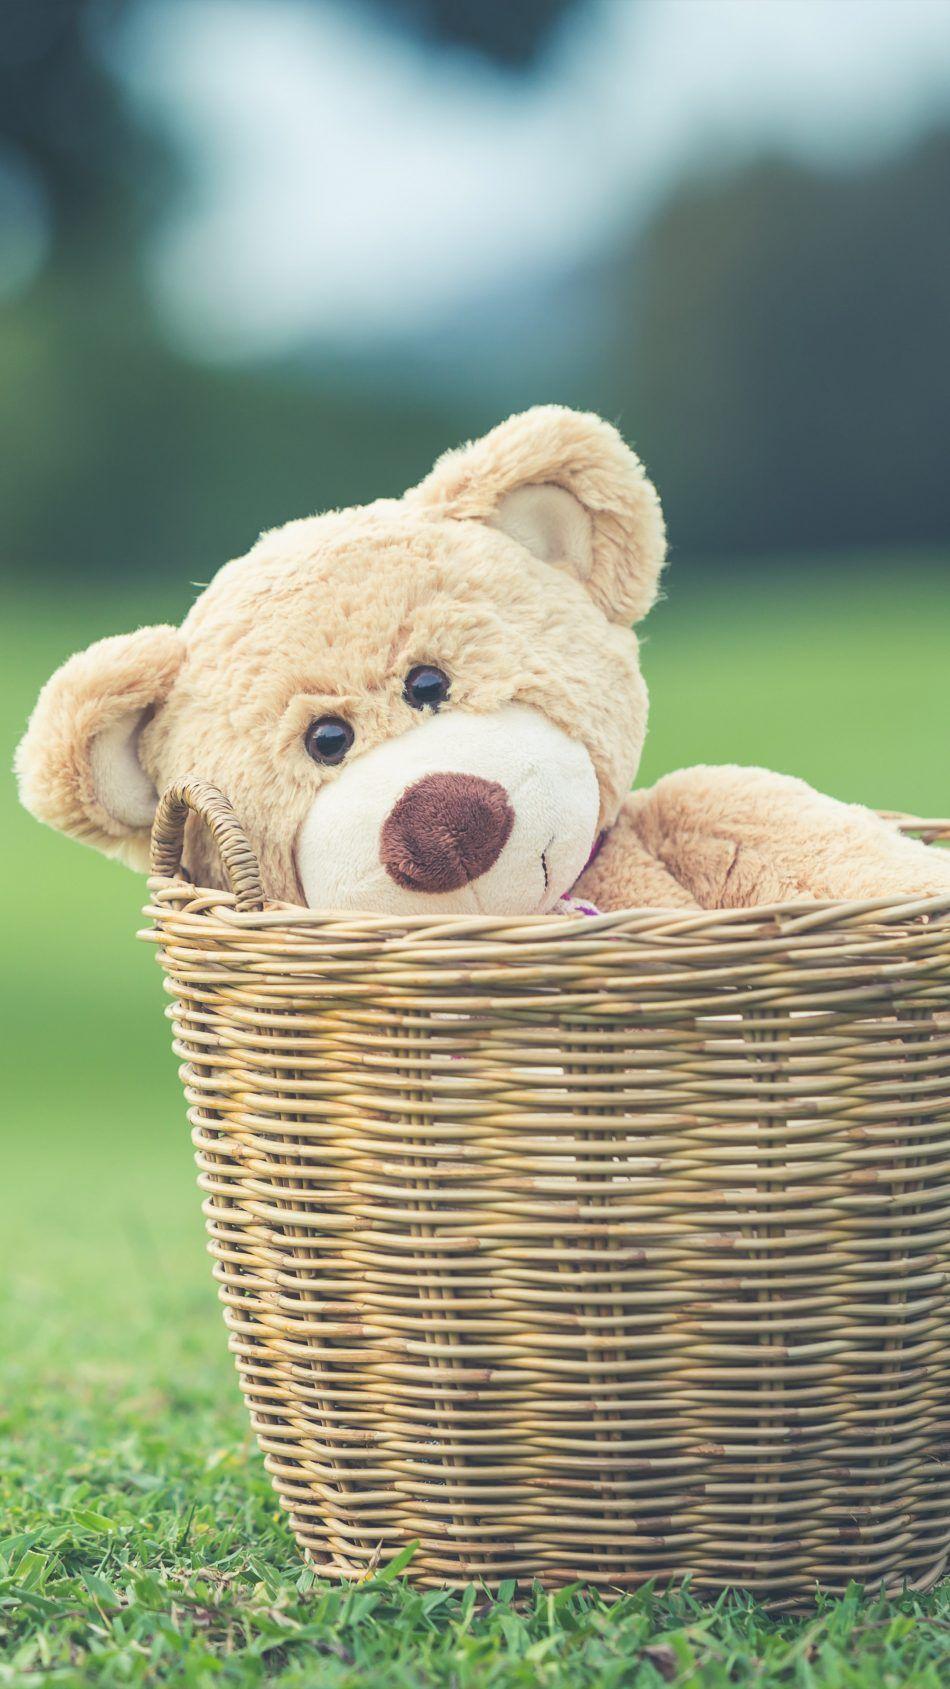 Teddy Bear Wallpaper Mobile